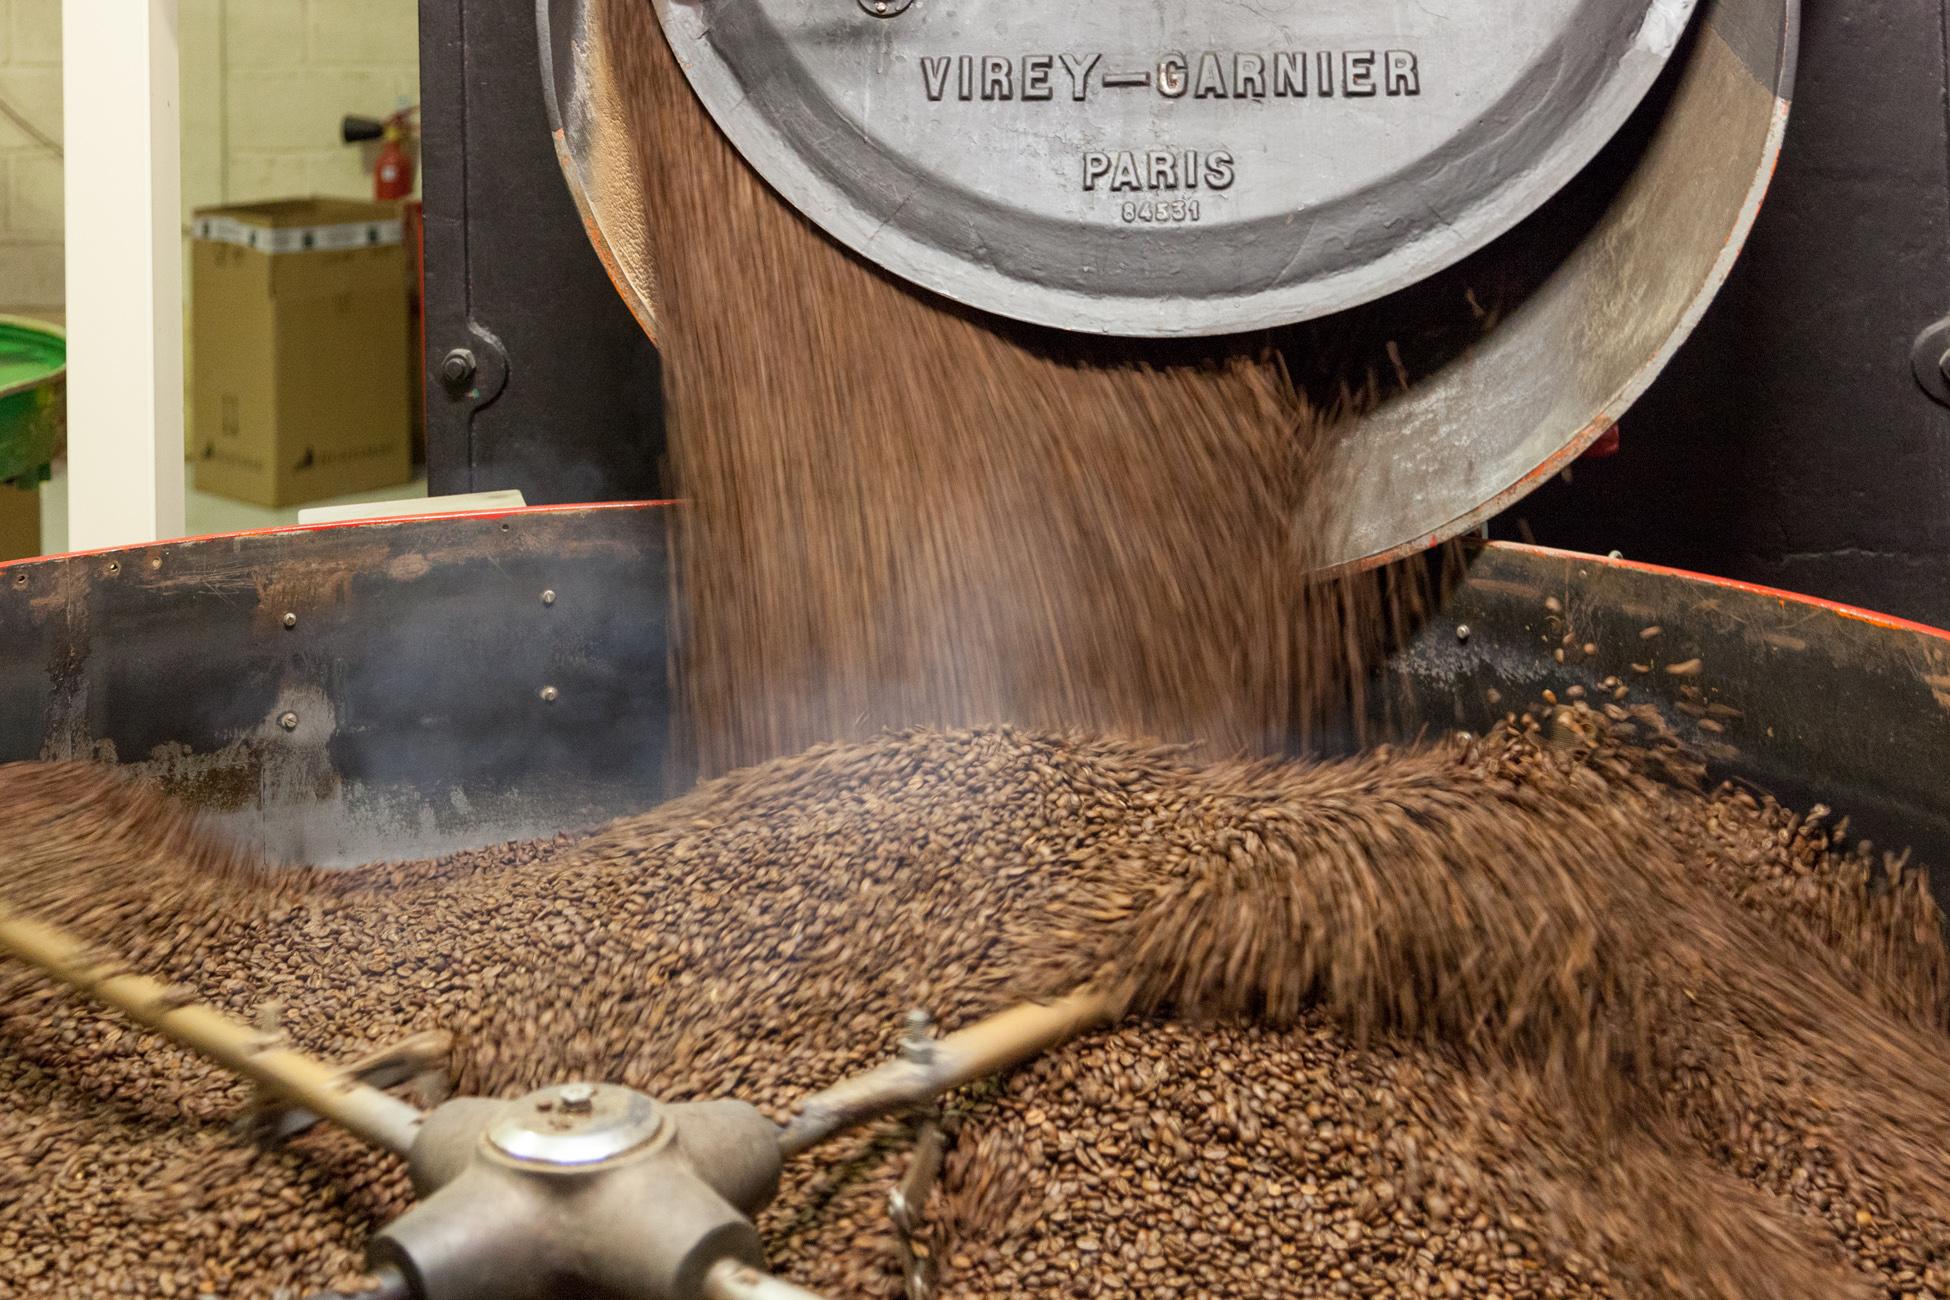 Après 20 minutes de torréfaction, le café tombe dans un bac de refroidissement.